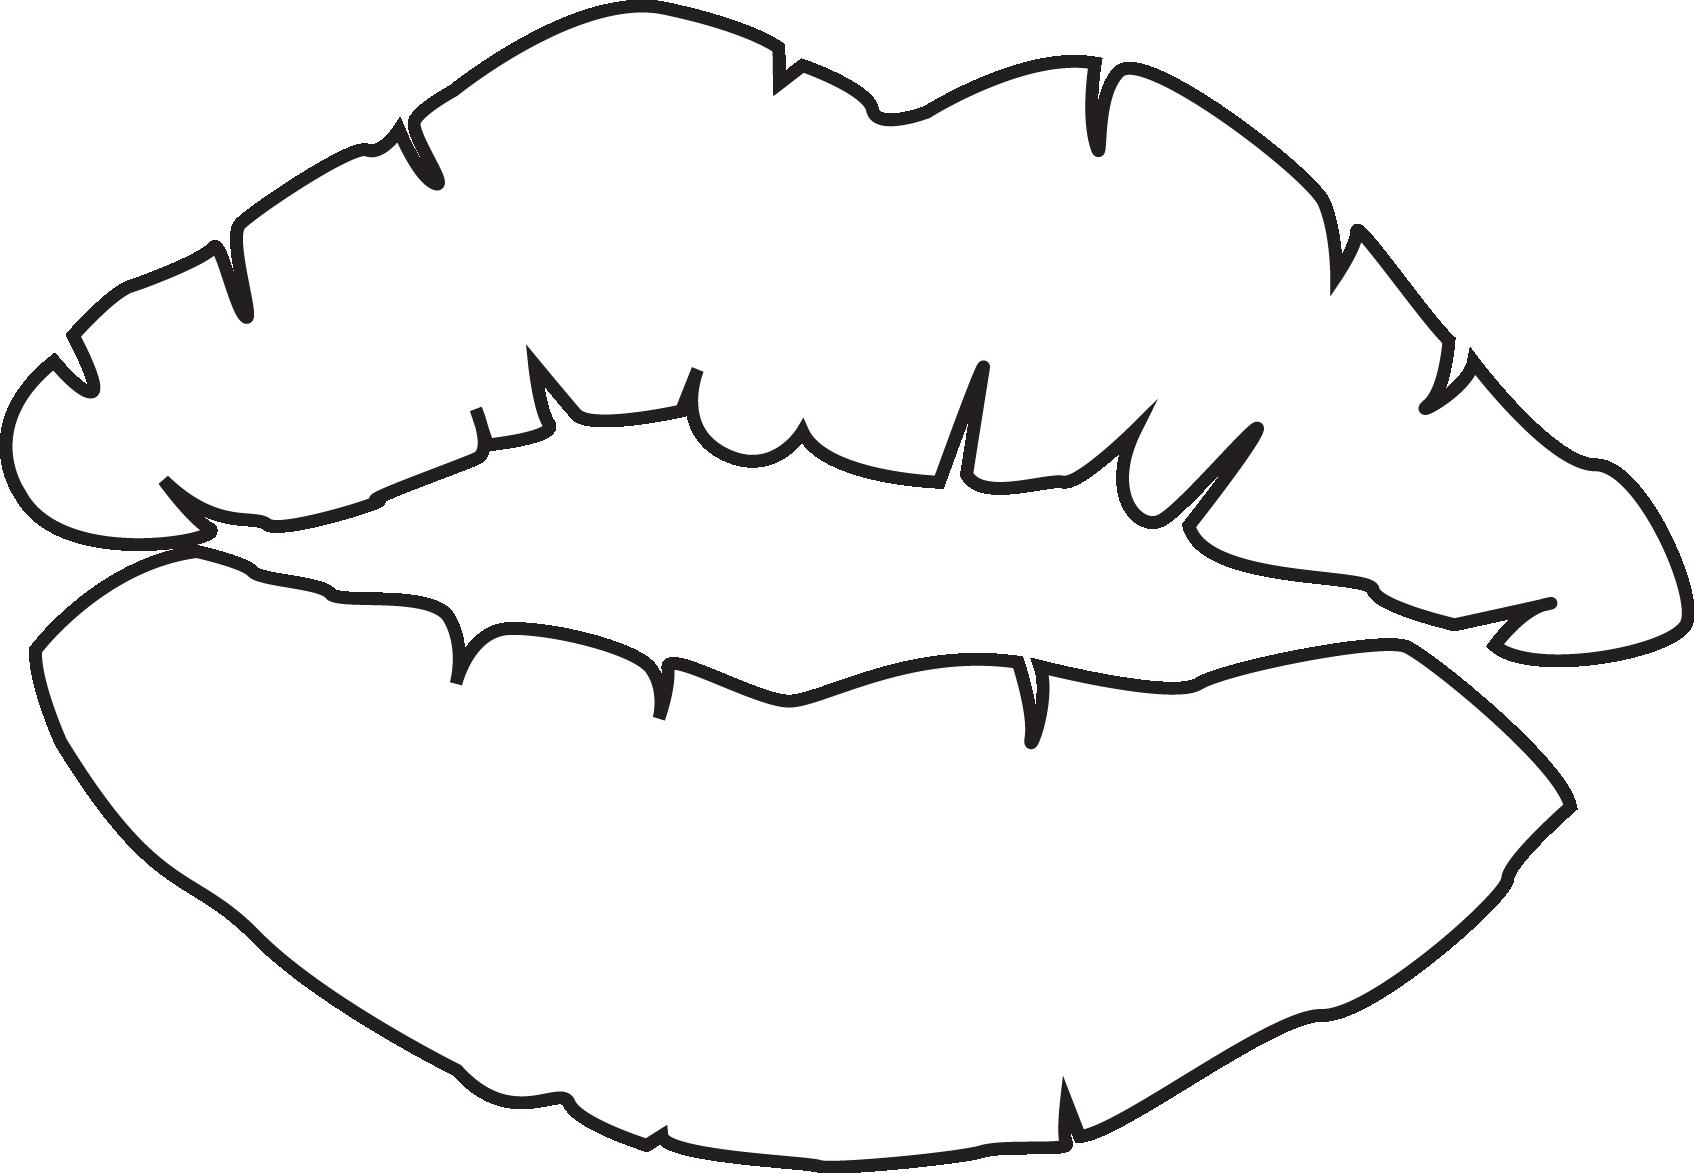 Картинки губы поцелуй нарисованные нераскрашенные